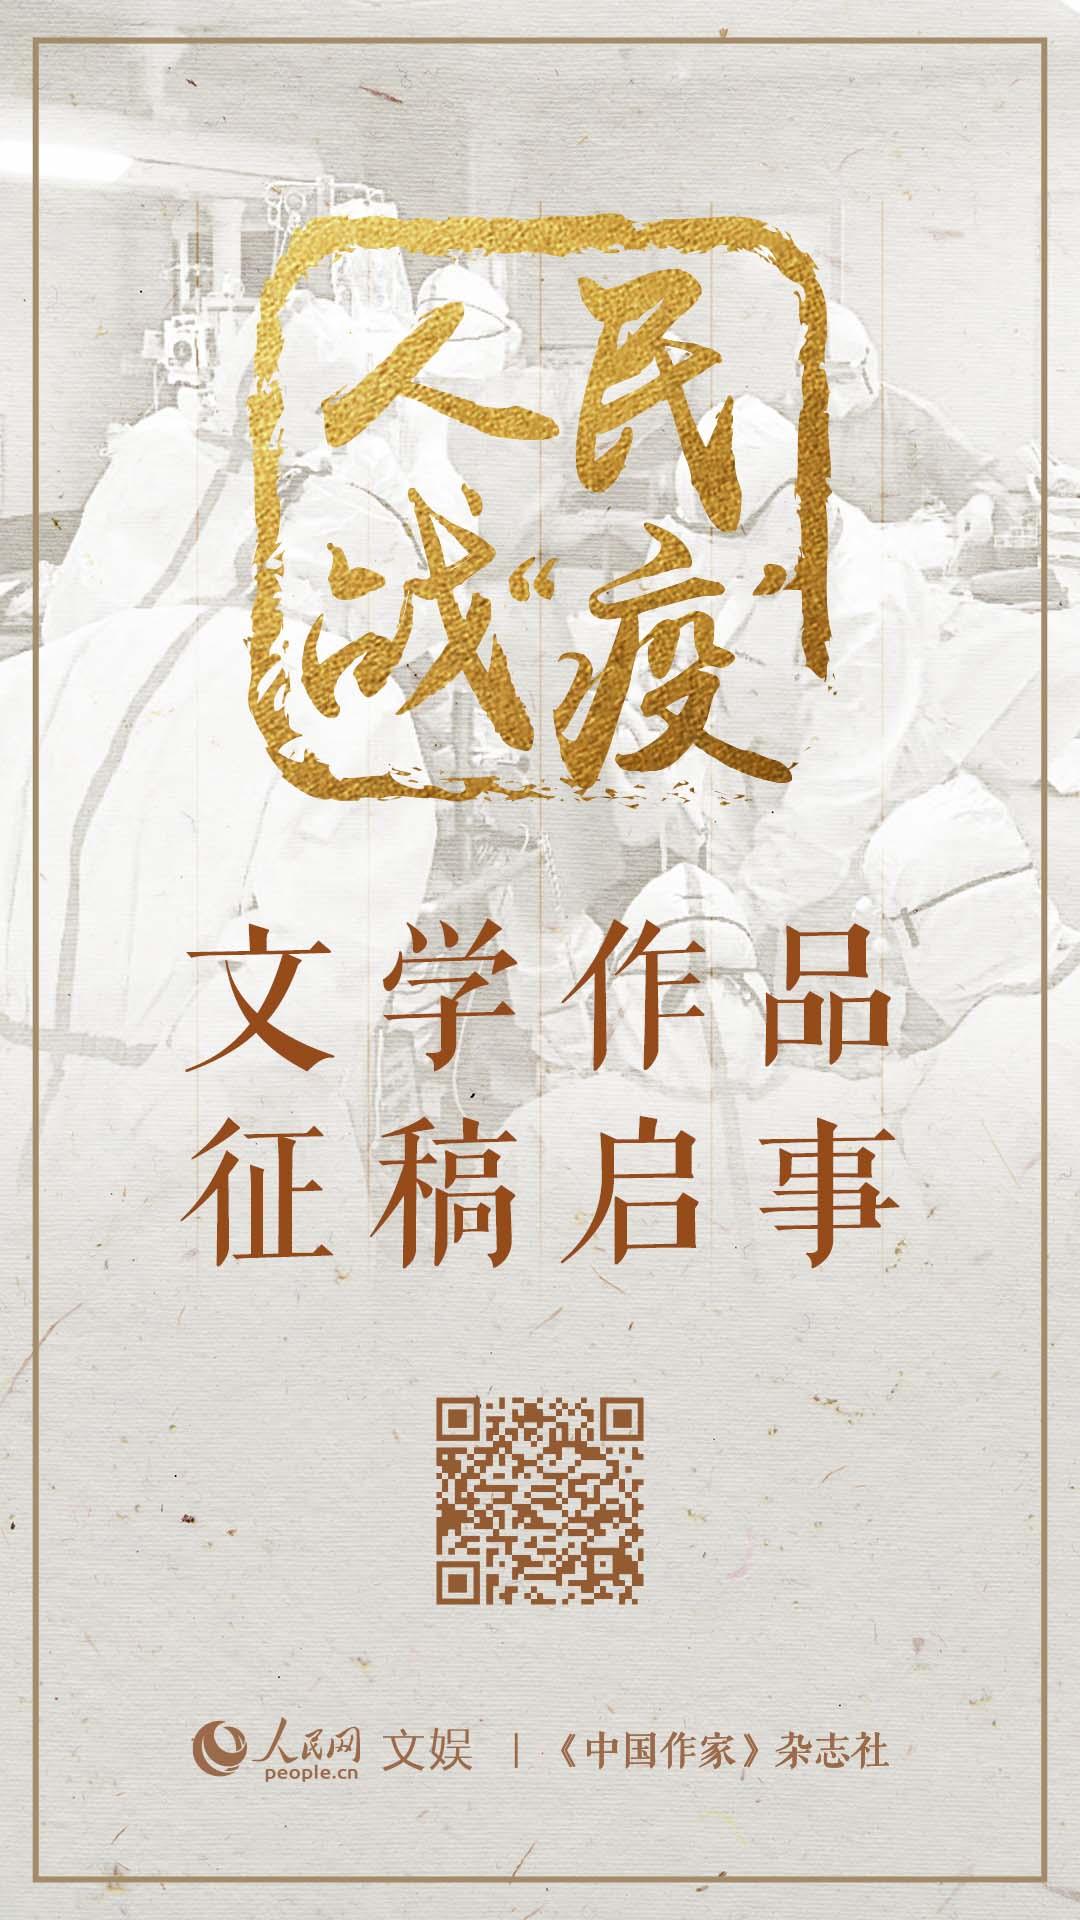 """【""""人民战'疫'""""征文】灾难后的重建:推动人类文明进程的契机"""